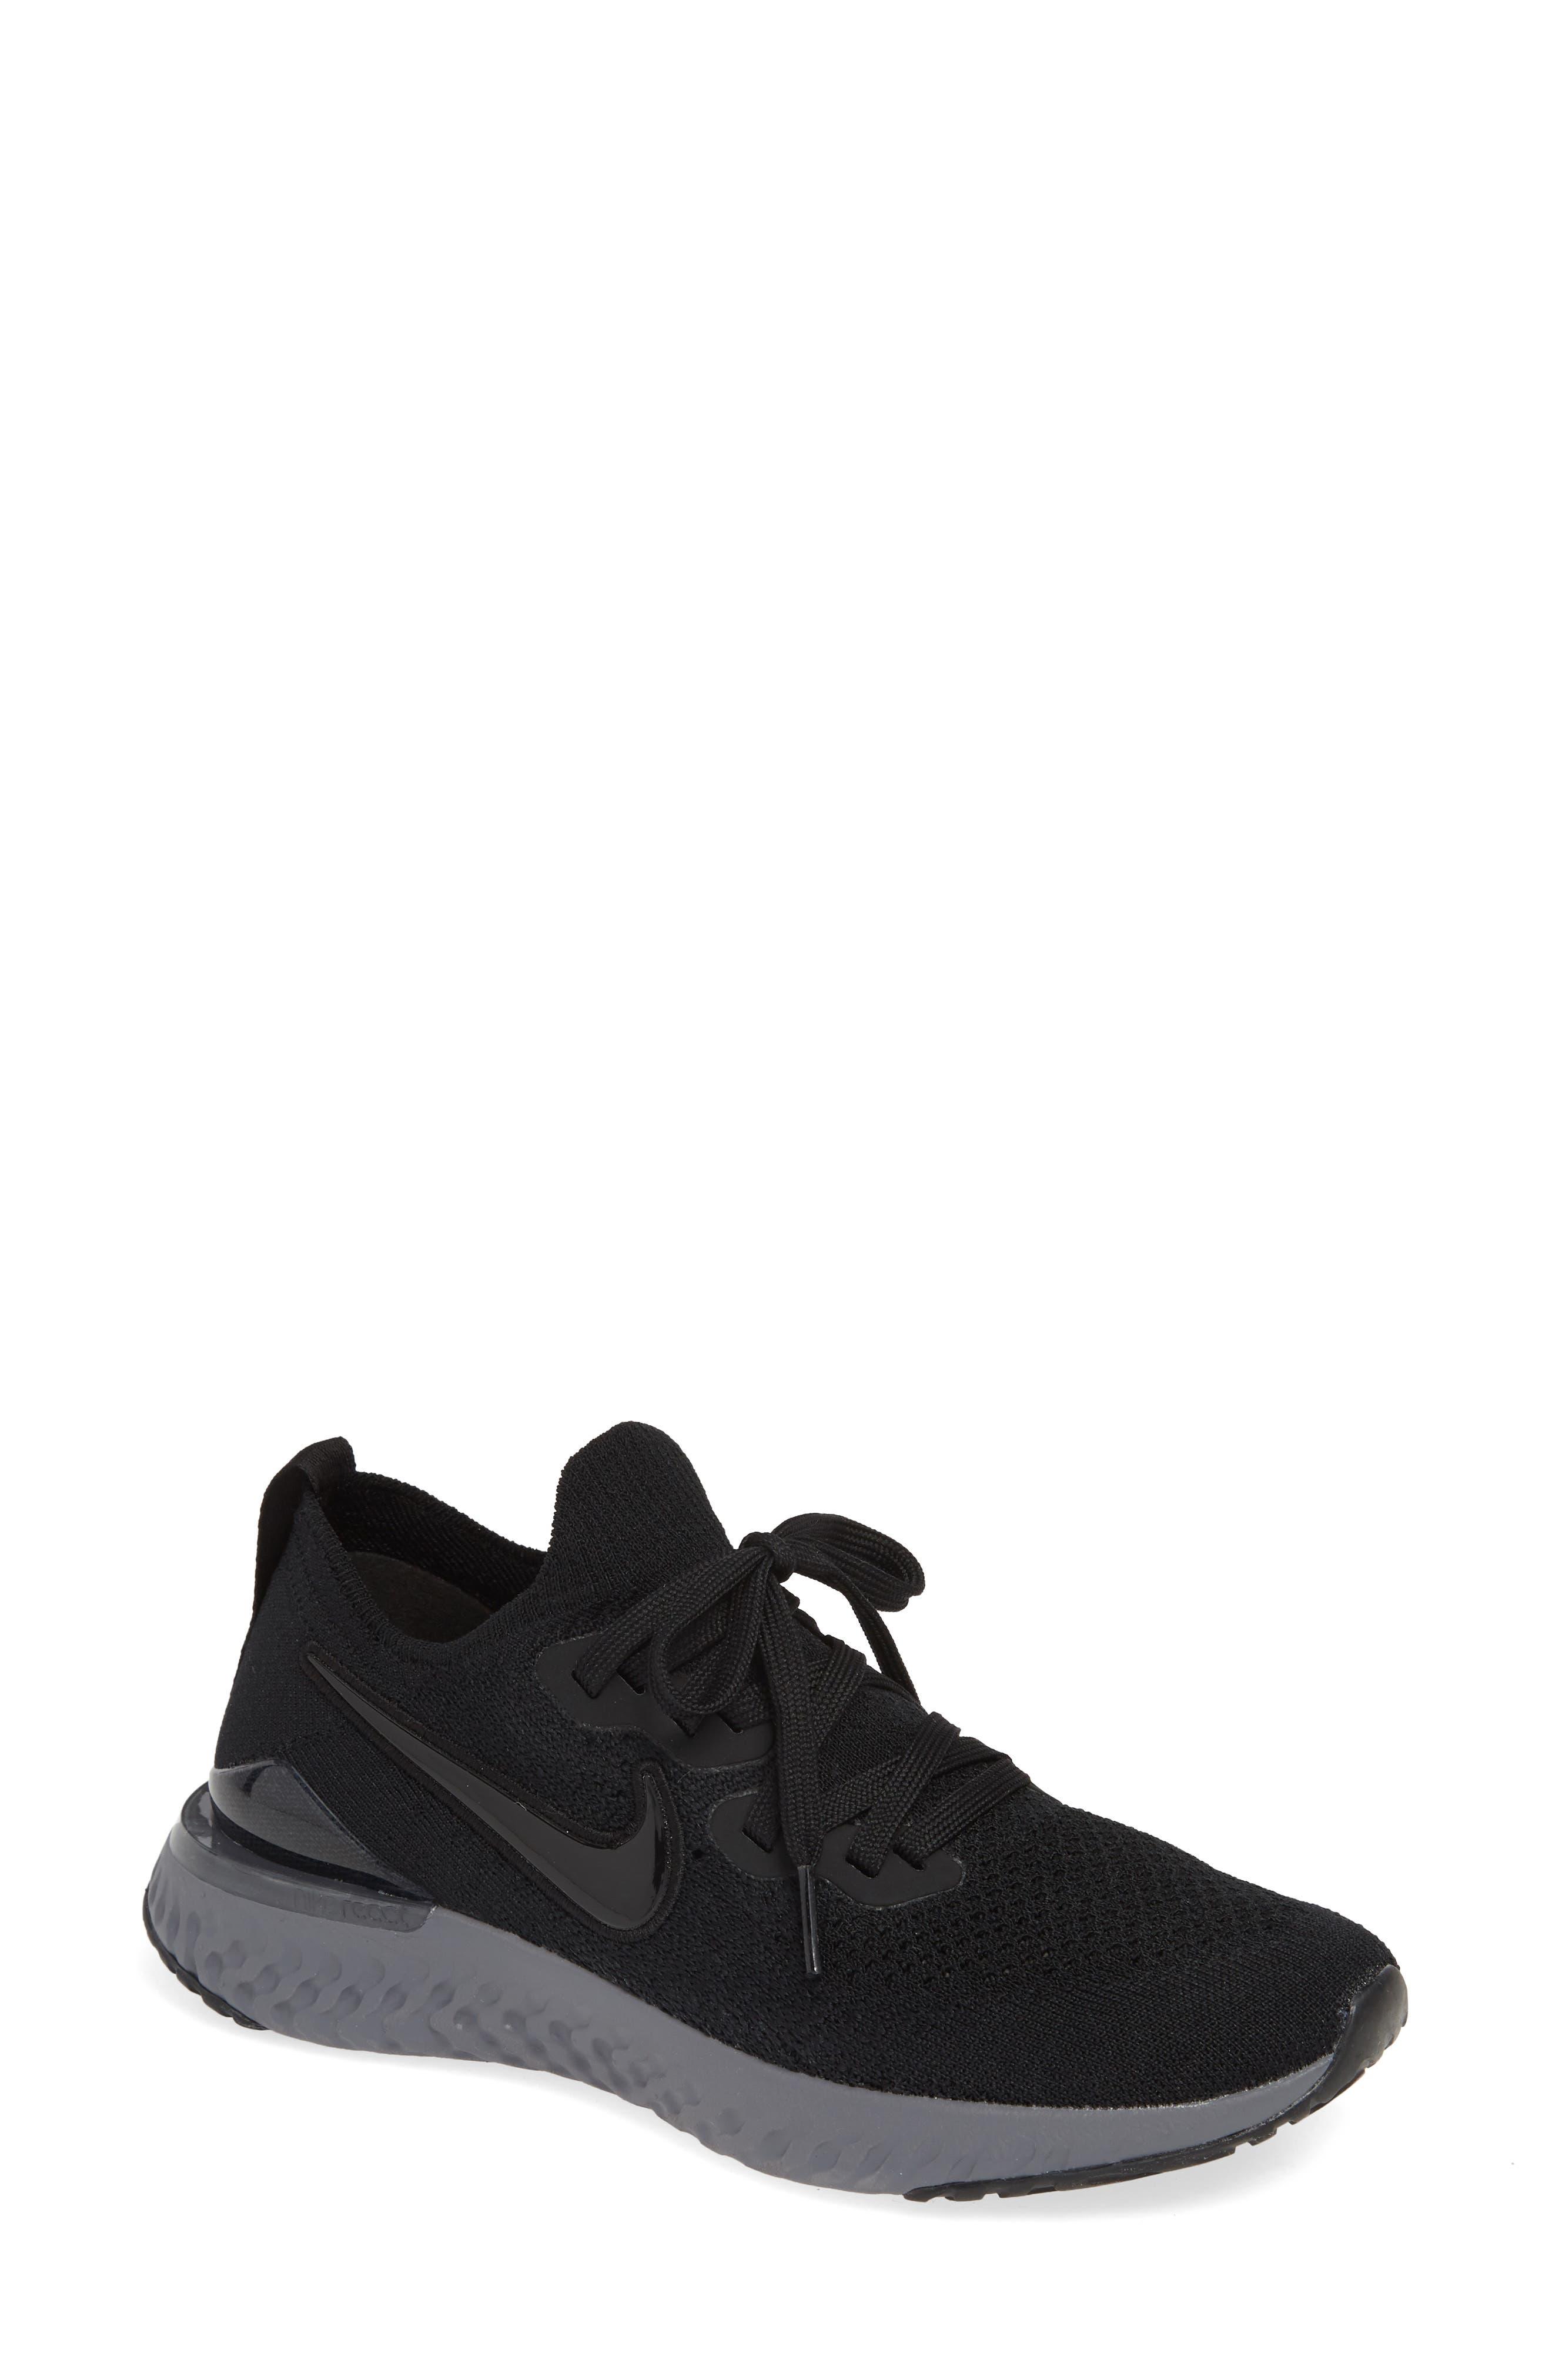 NIKE Epic React Flyknit 2 Running Shoe, Main, color, BLACK/ ANTHRACITE/ GUN SMOKE